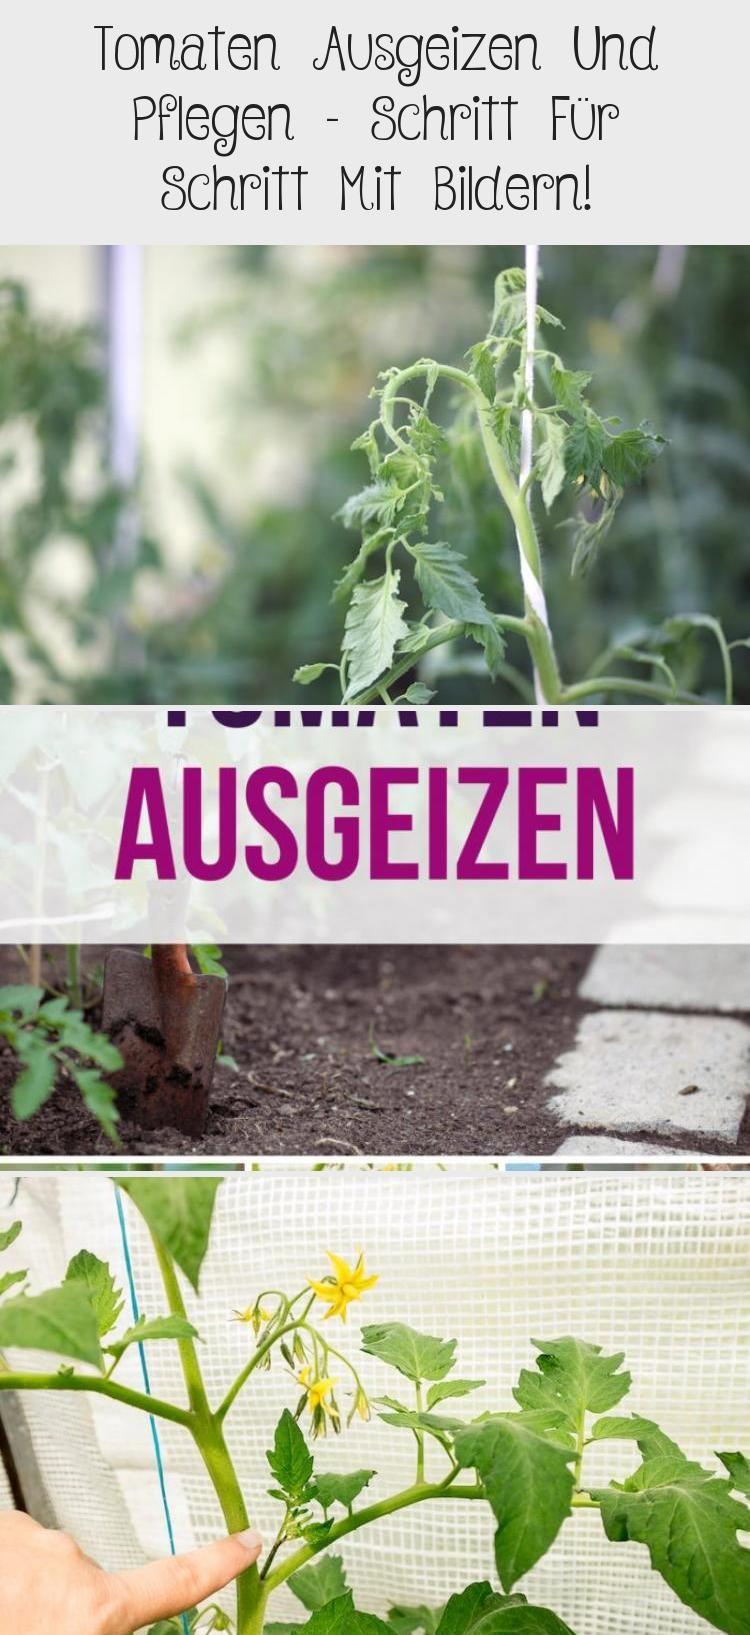 Tomaten Ausgeizen Und Pflegen Schritt Fur Schritt Mit Bildern In 2020 Uncategorized Herbs Plants